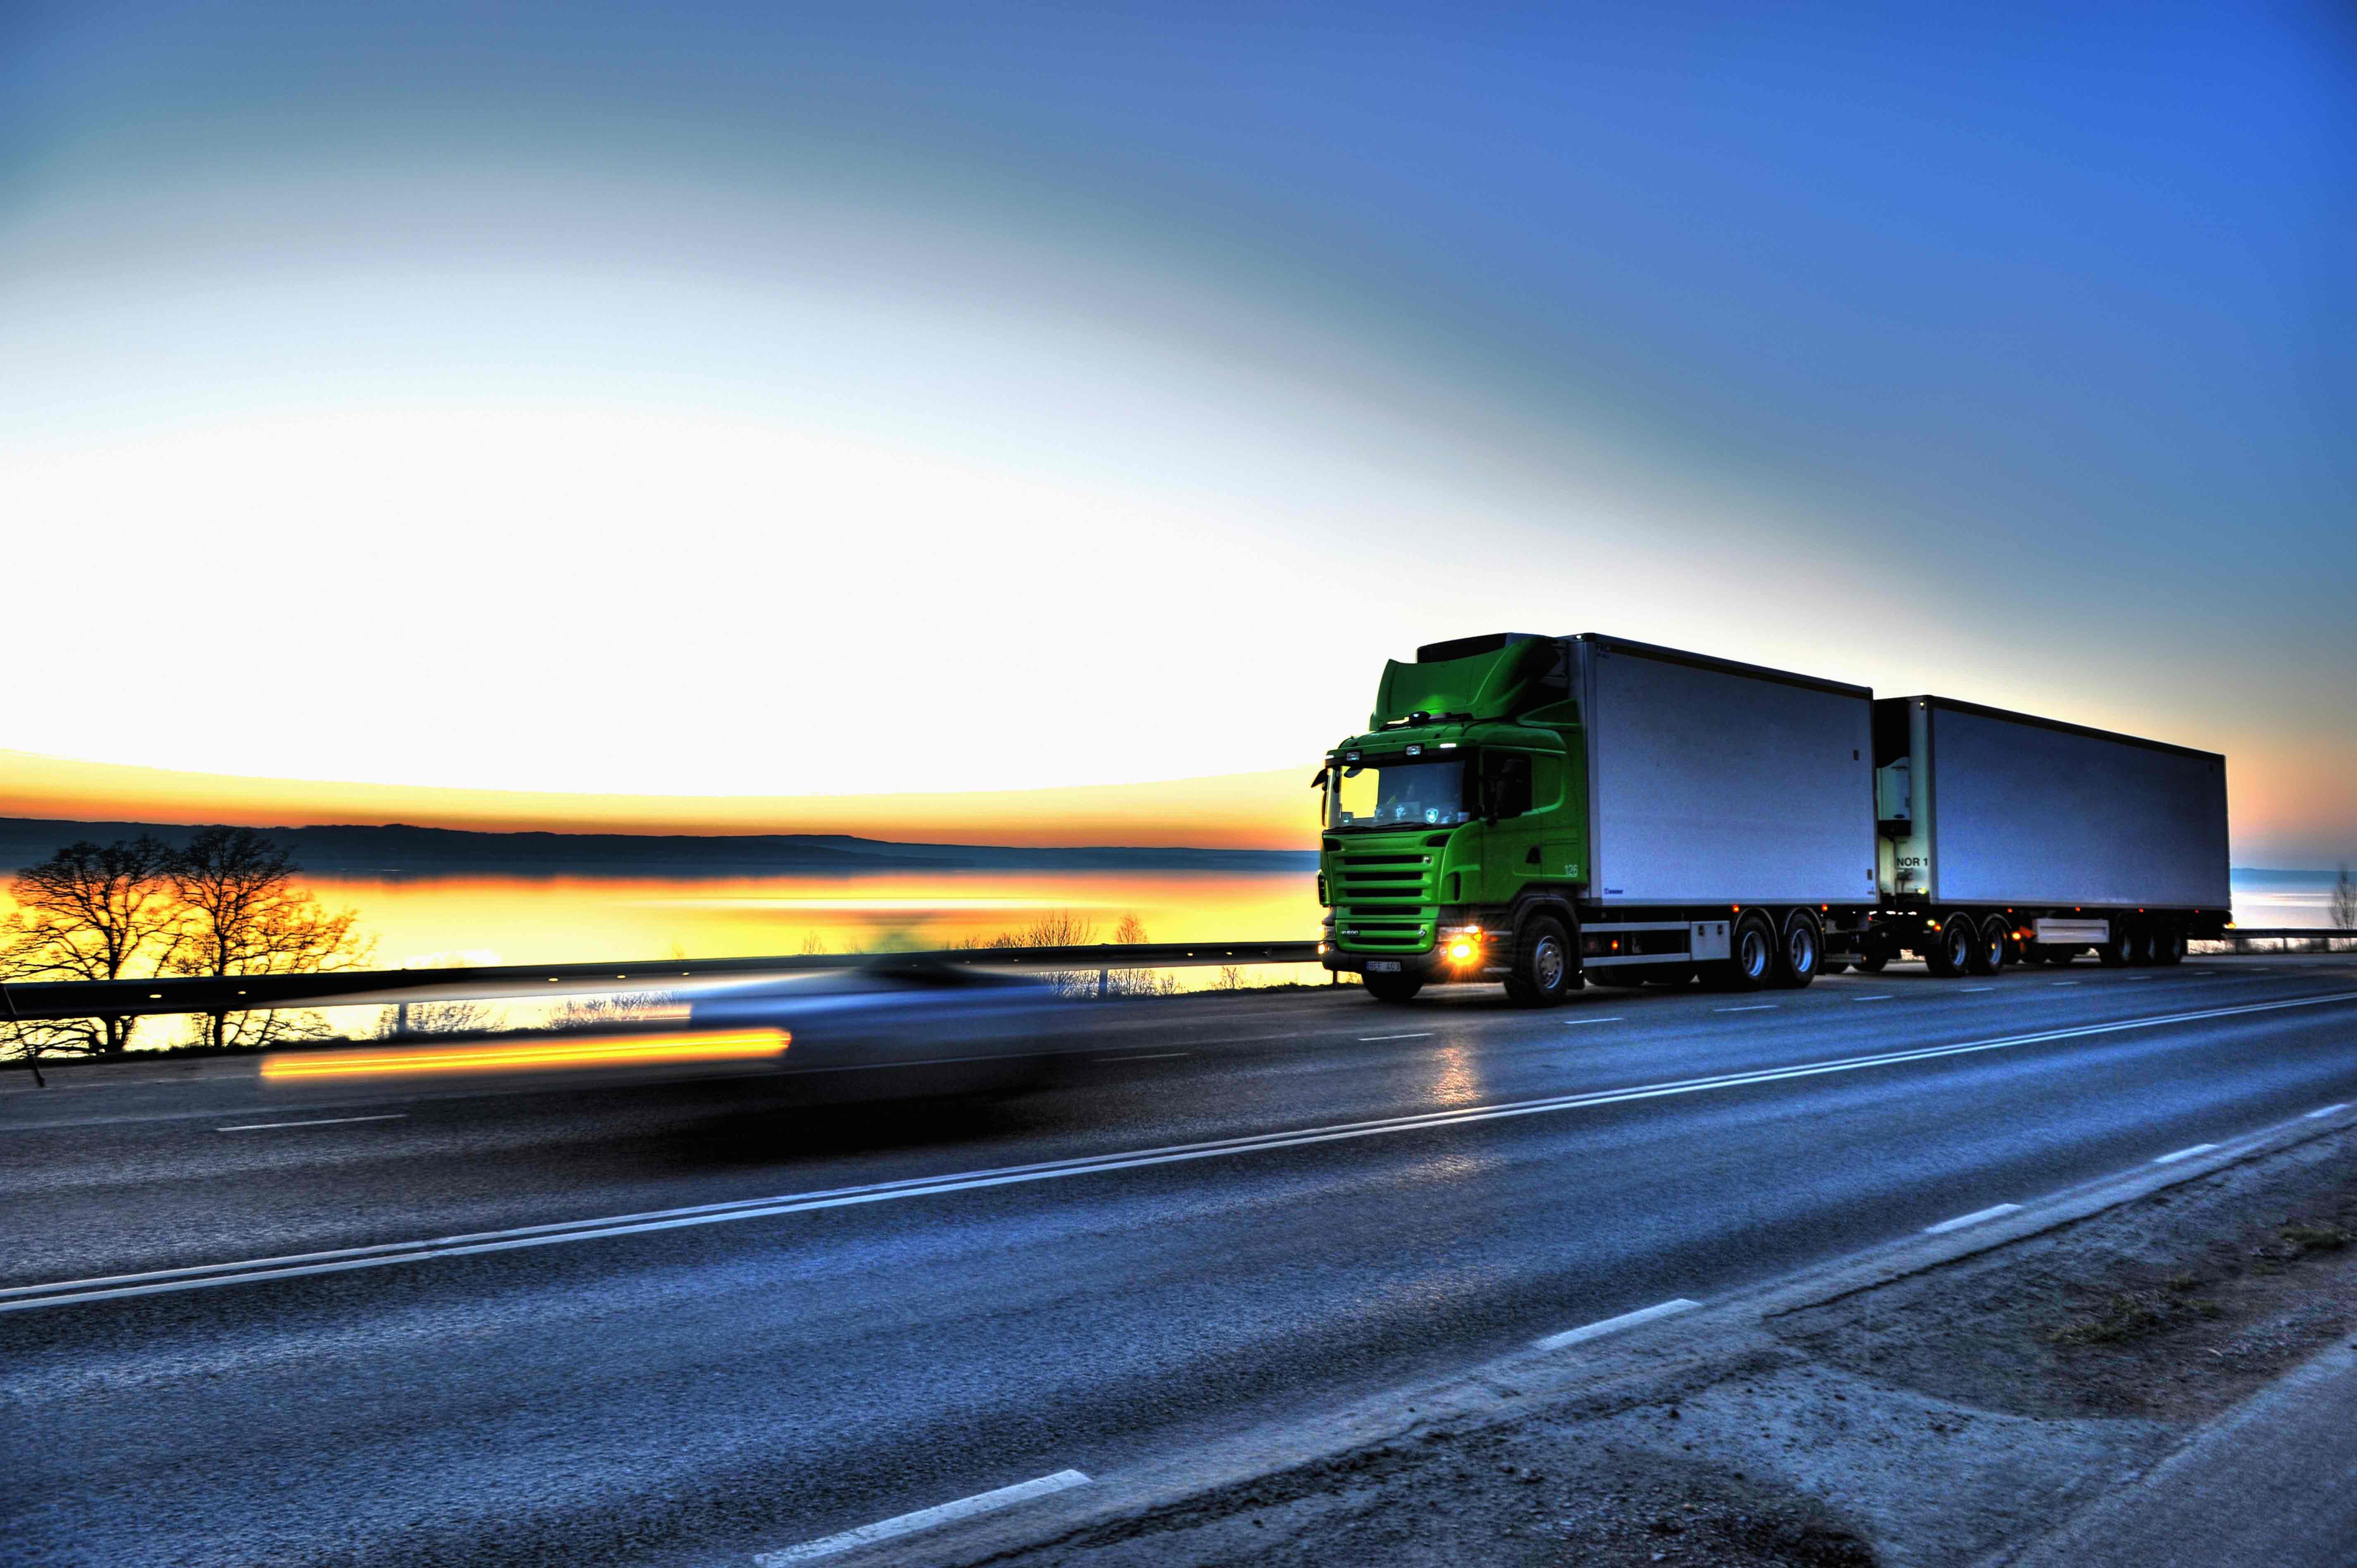 SAP și Deutsche Telekom aduc IoT în domeniul logisticii